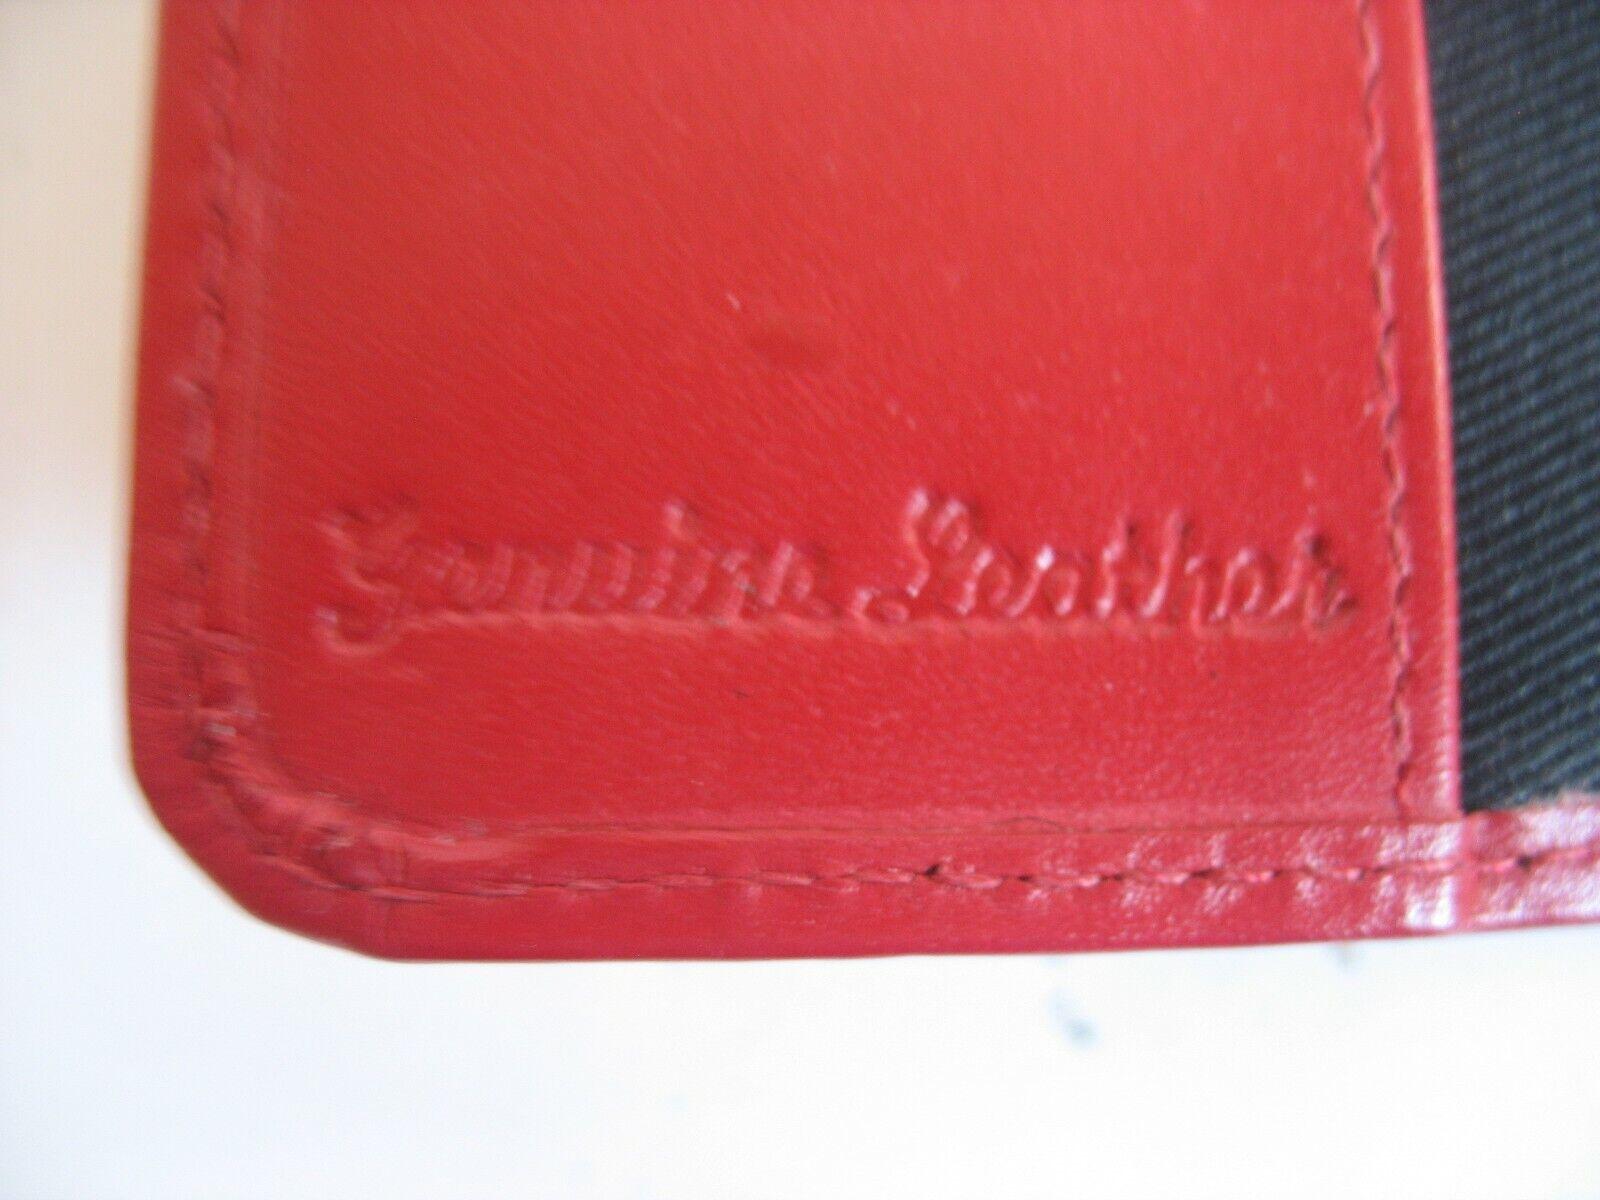 Vtg NOS Genuine Red Leather Passport Case With Back Pocket - $38.00